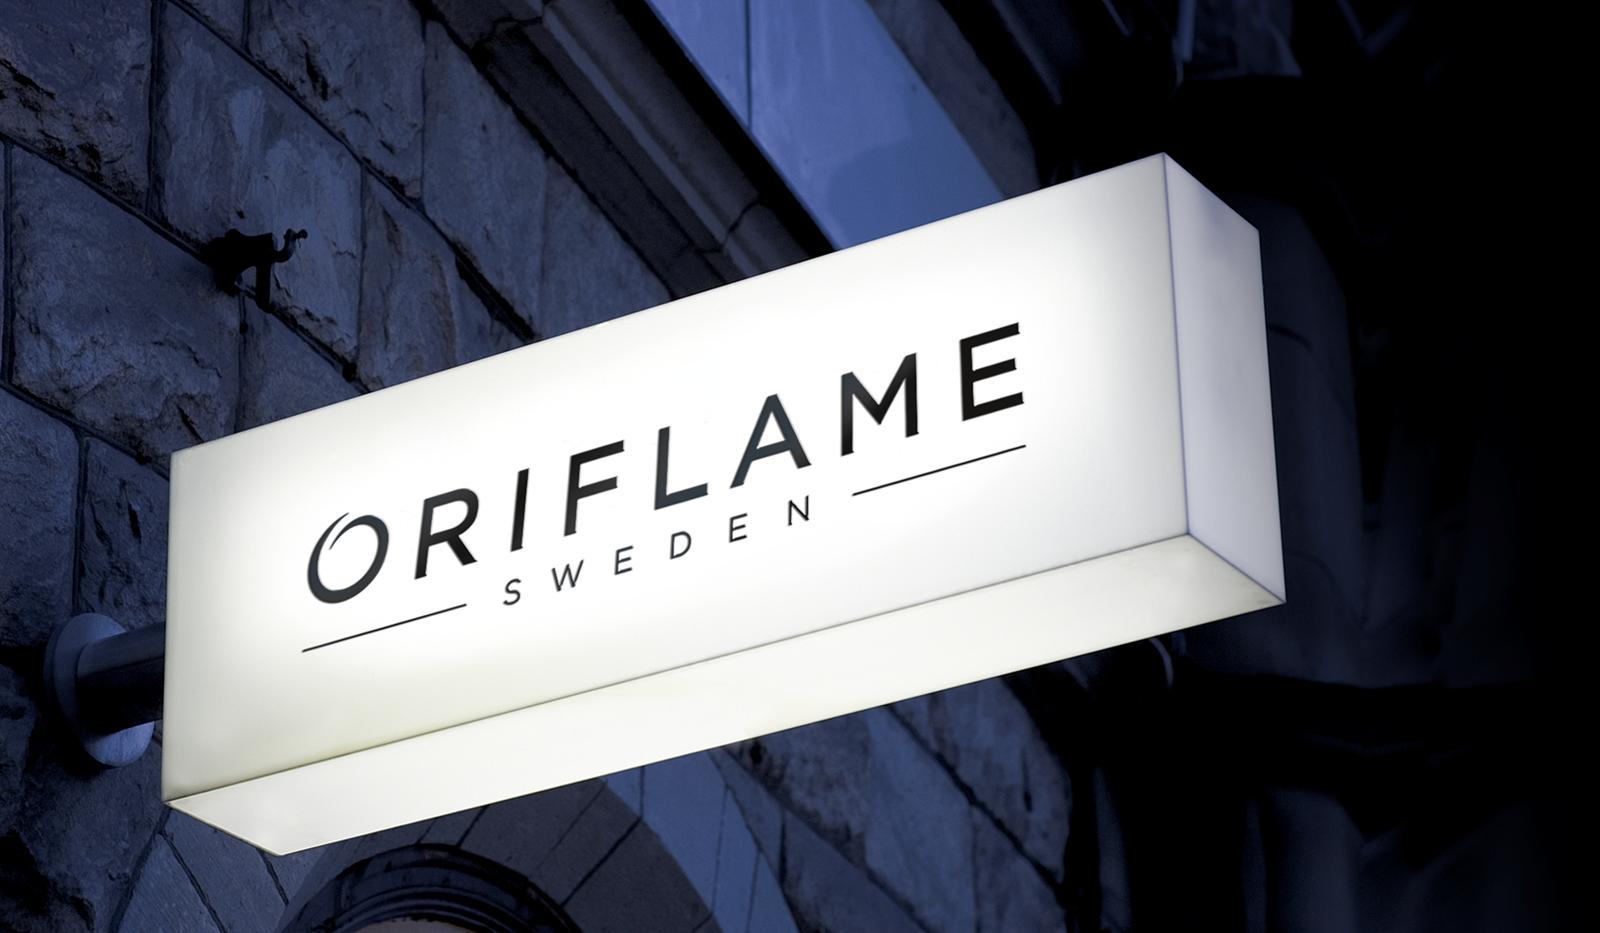 Хакеры заявили о похищении 4 ТБ данных с серверов Oriflame